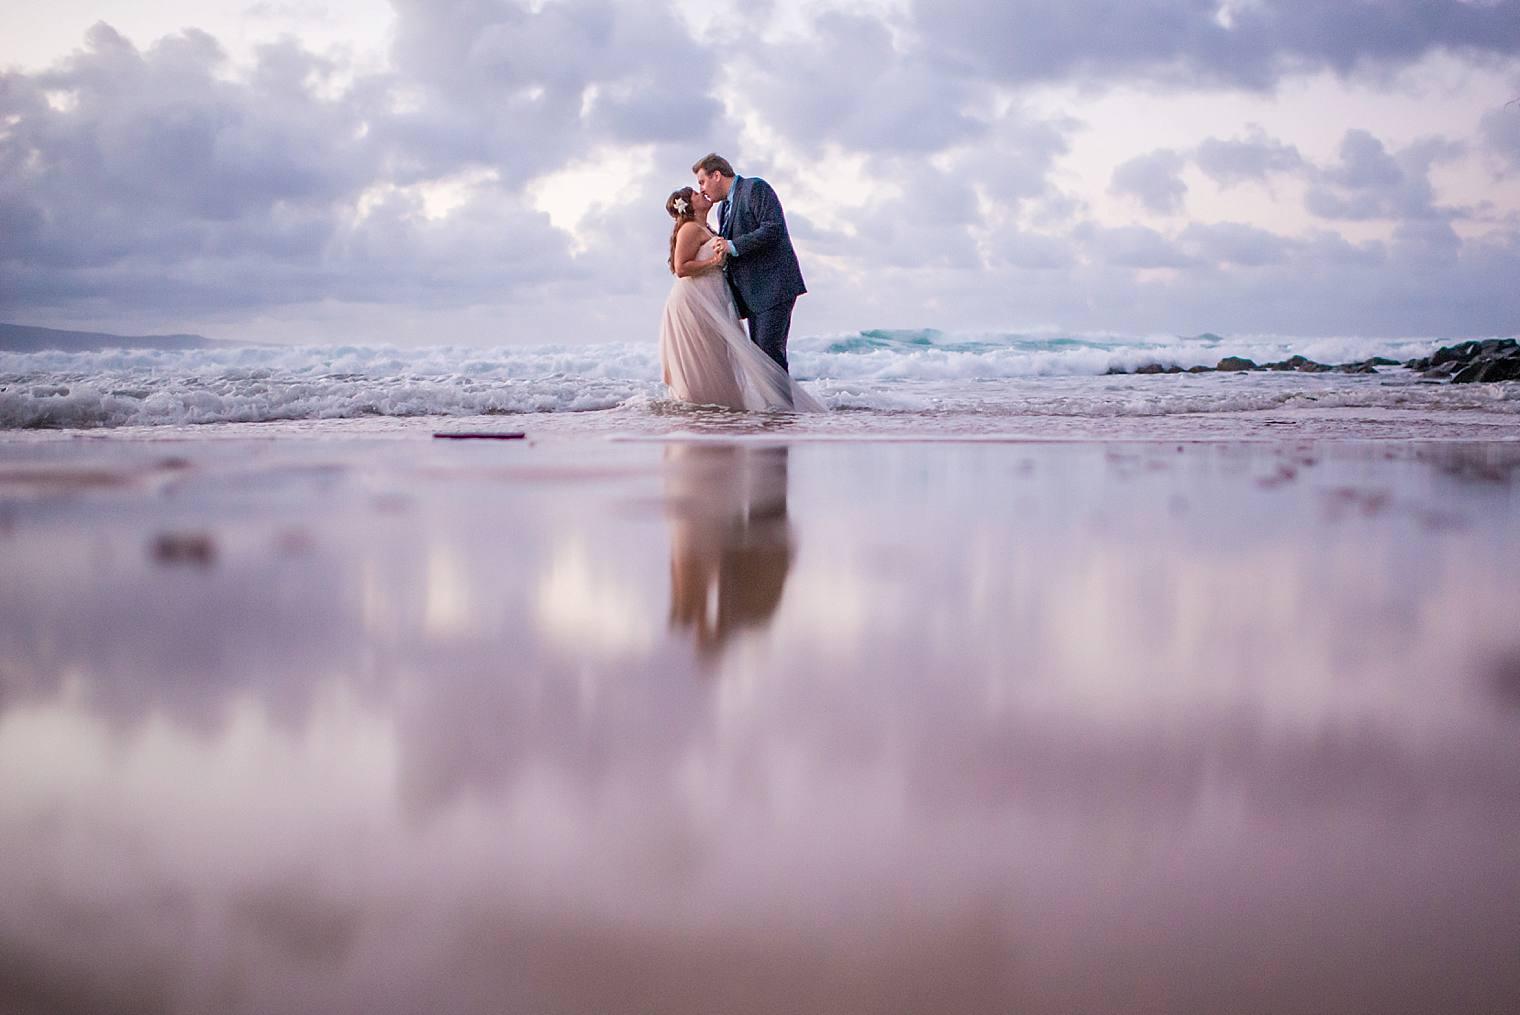 Erica + Phil   Romantic Cliffside Maui Elopement